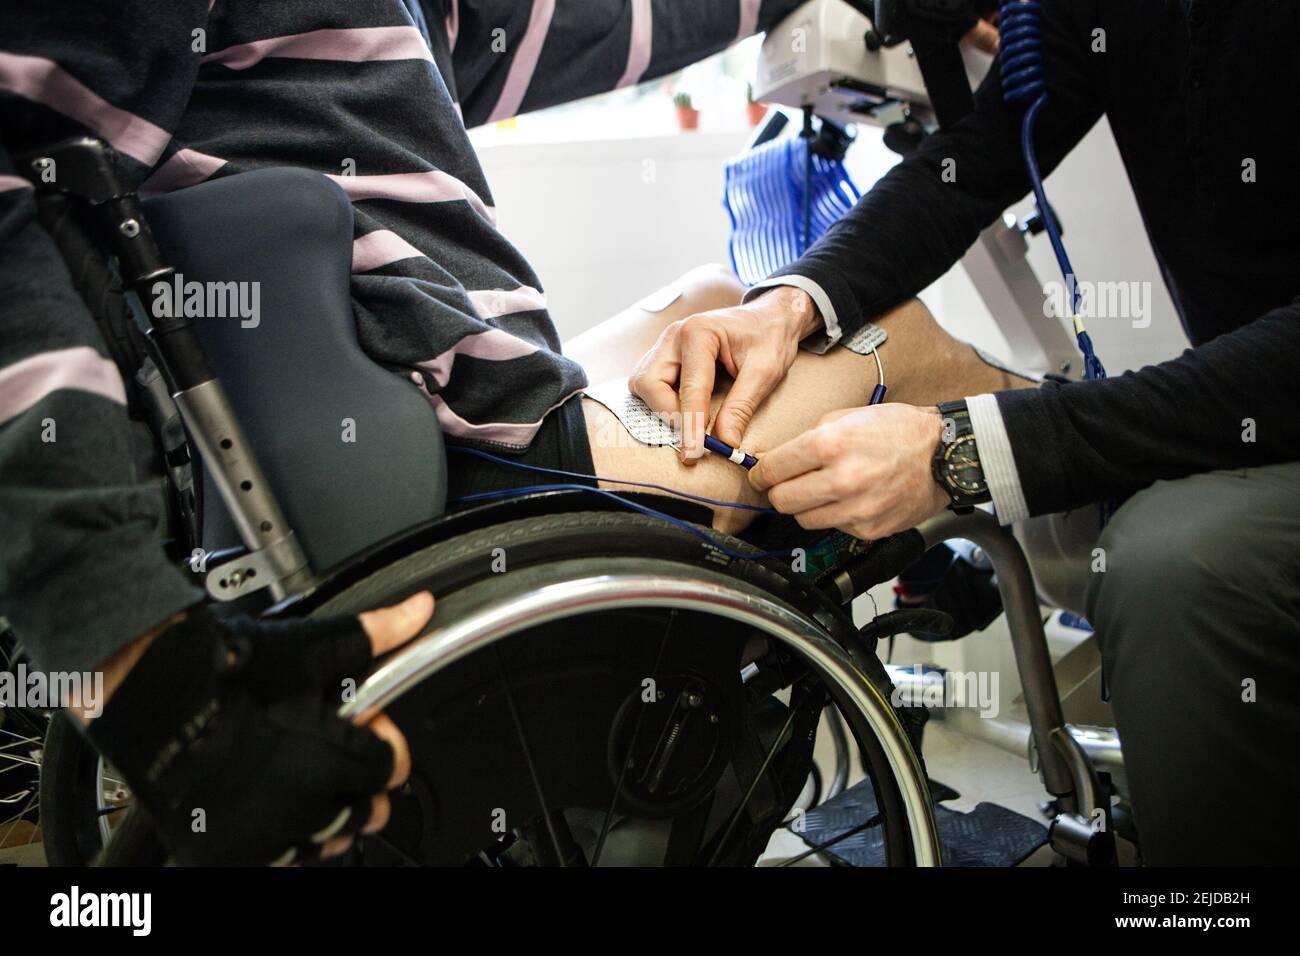 Compétition d'athlètes équipés de dispositifs bioniques utilisant l'électrostimulation et les interfaces cerveau-machine. Banque D'Images